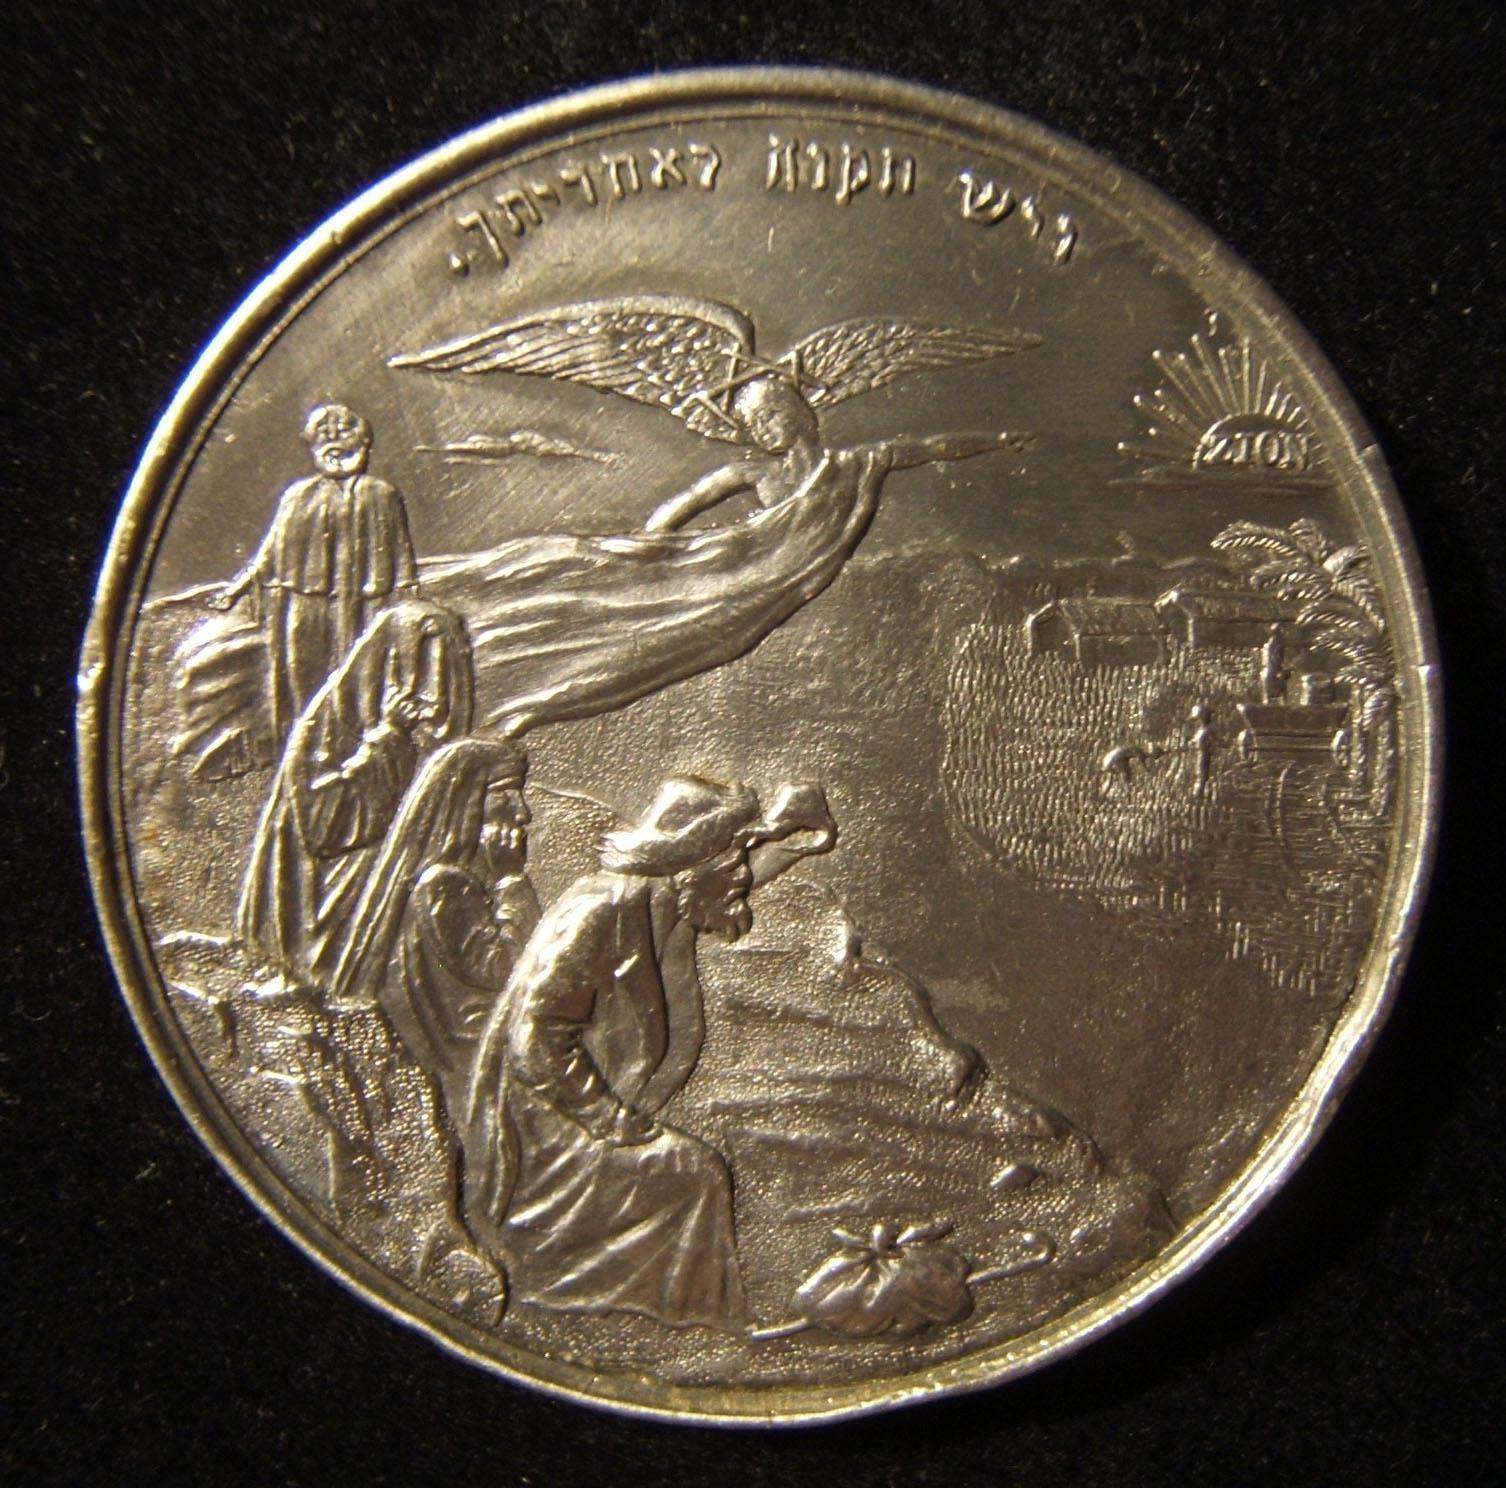 Großbritannien: Englische zionistische Föderation, Aluminium, Gedenkmedaille für die Krönung von König Edward VII, 1902; von R. Neal; Größe: 41 mm; Gewicht: 11,15 g. Vorderseite: